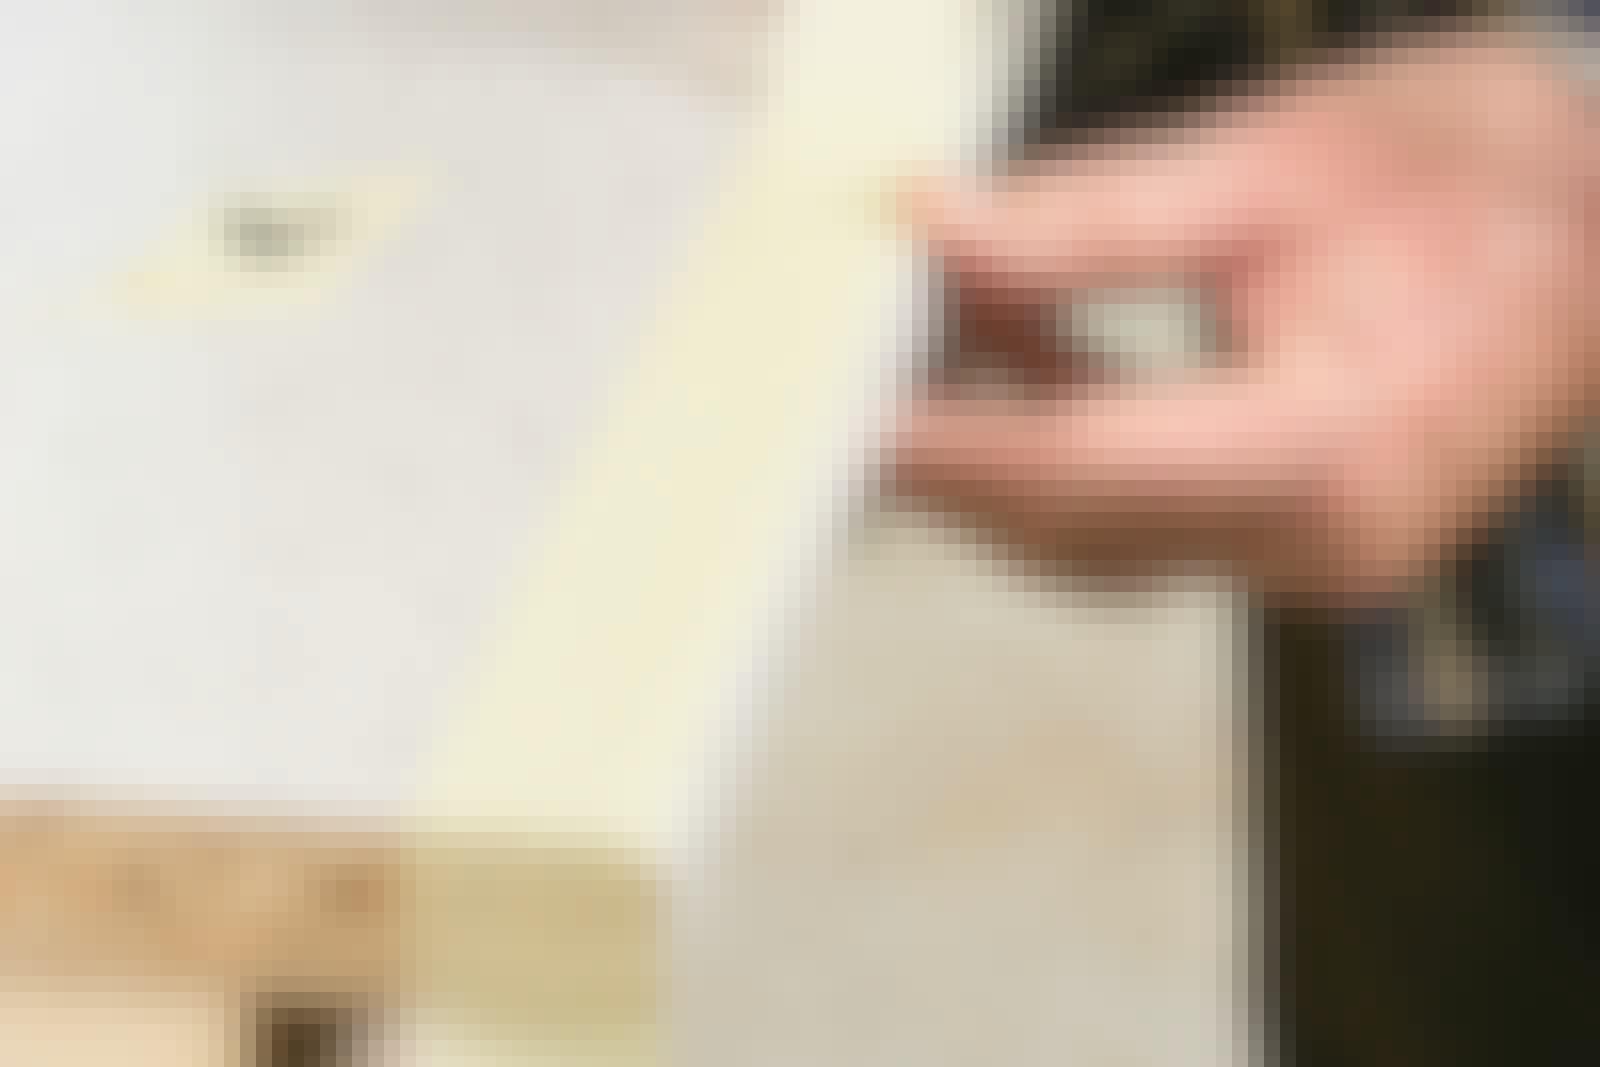 Det kan vara svårt att undvika att laminatskivan flisas när du sågar i den. Men sätter du en bit tejp på framsidan av skivan, där snittet ska läggas, och samtidigt sågar från baksidan med en sticksåg, undviker du, att skivan flisas. Då får du ett fint snitt.